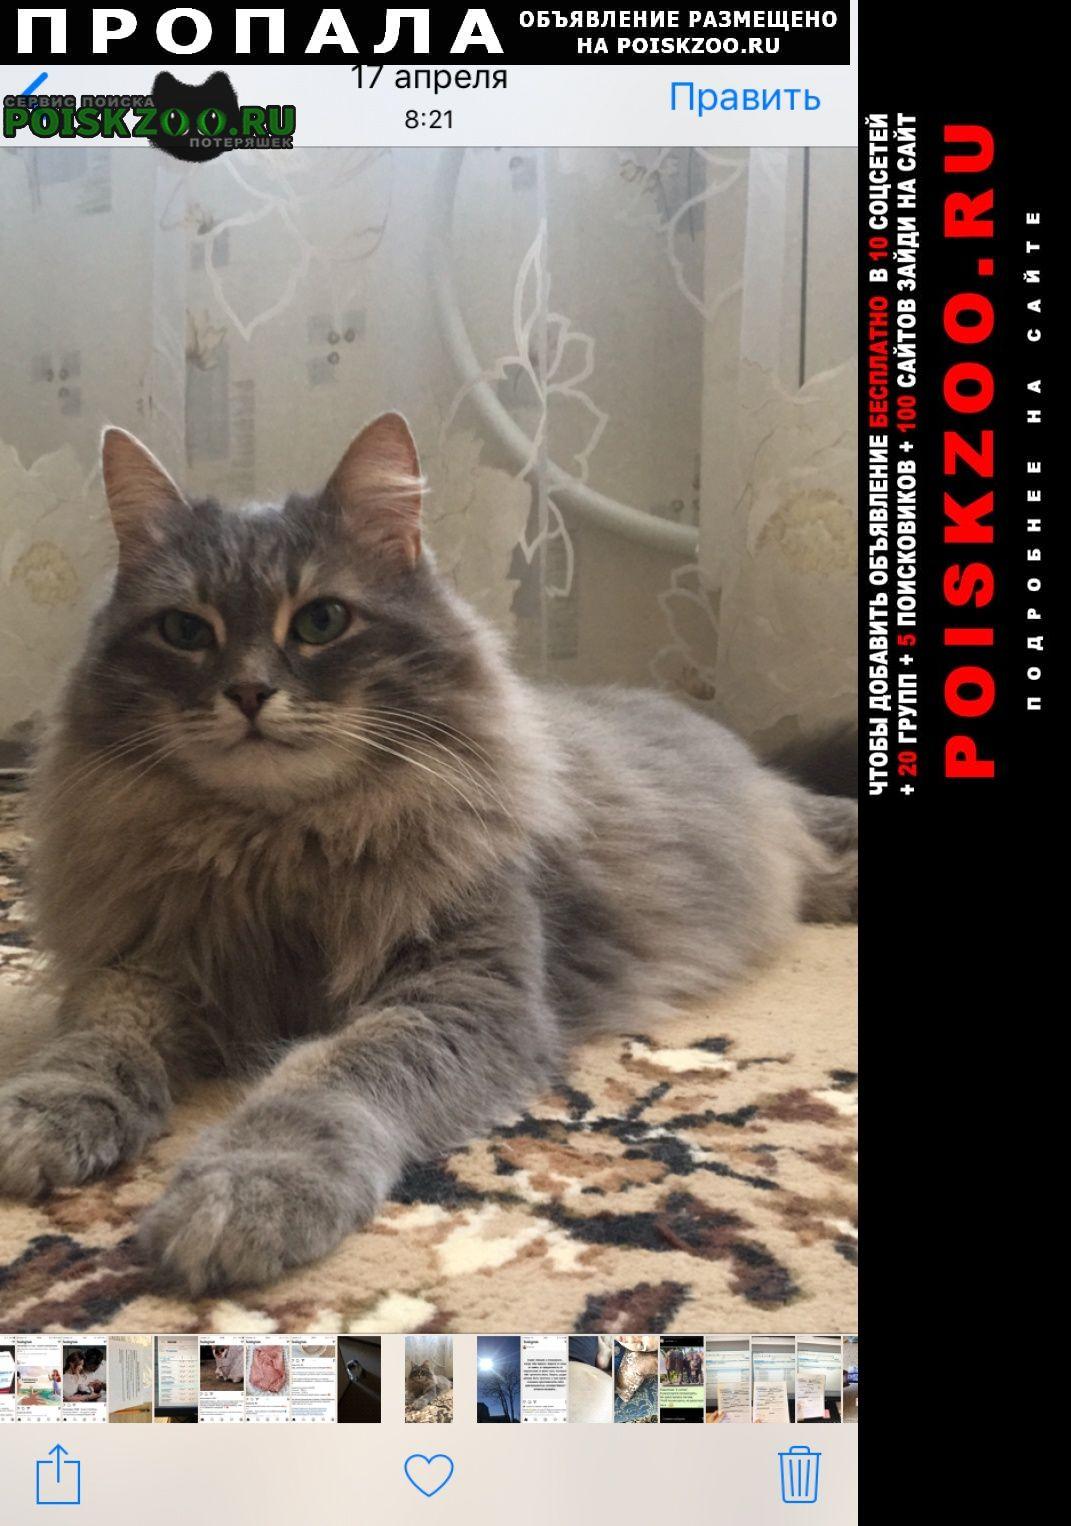 Пропала кошка Набережные Челны